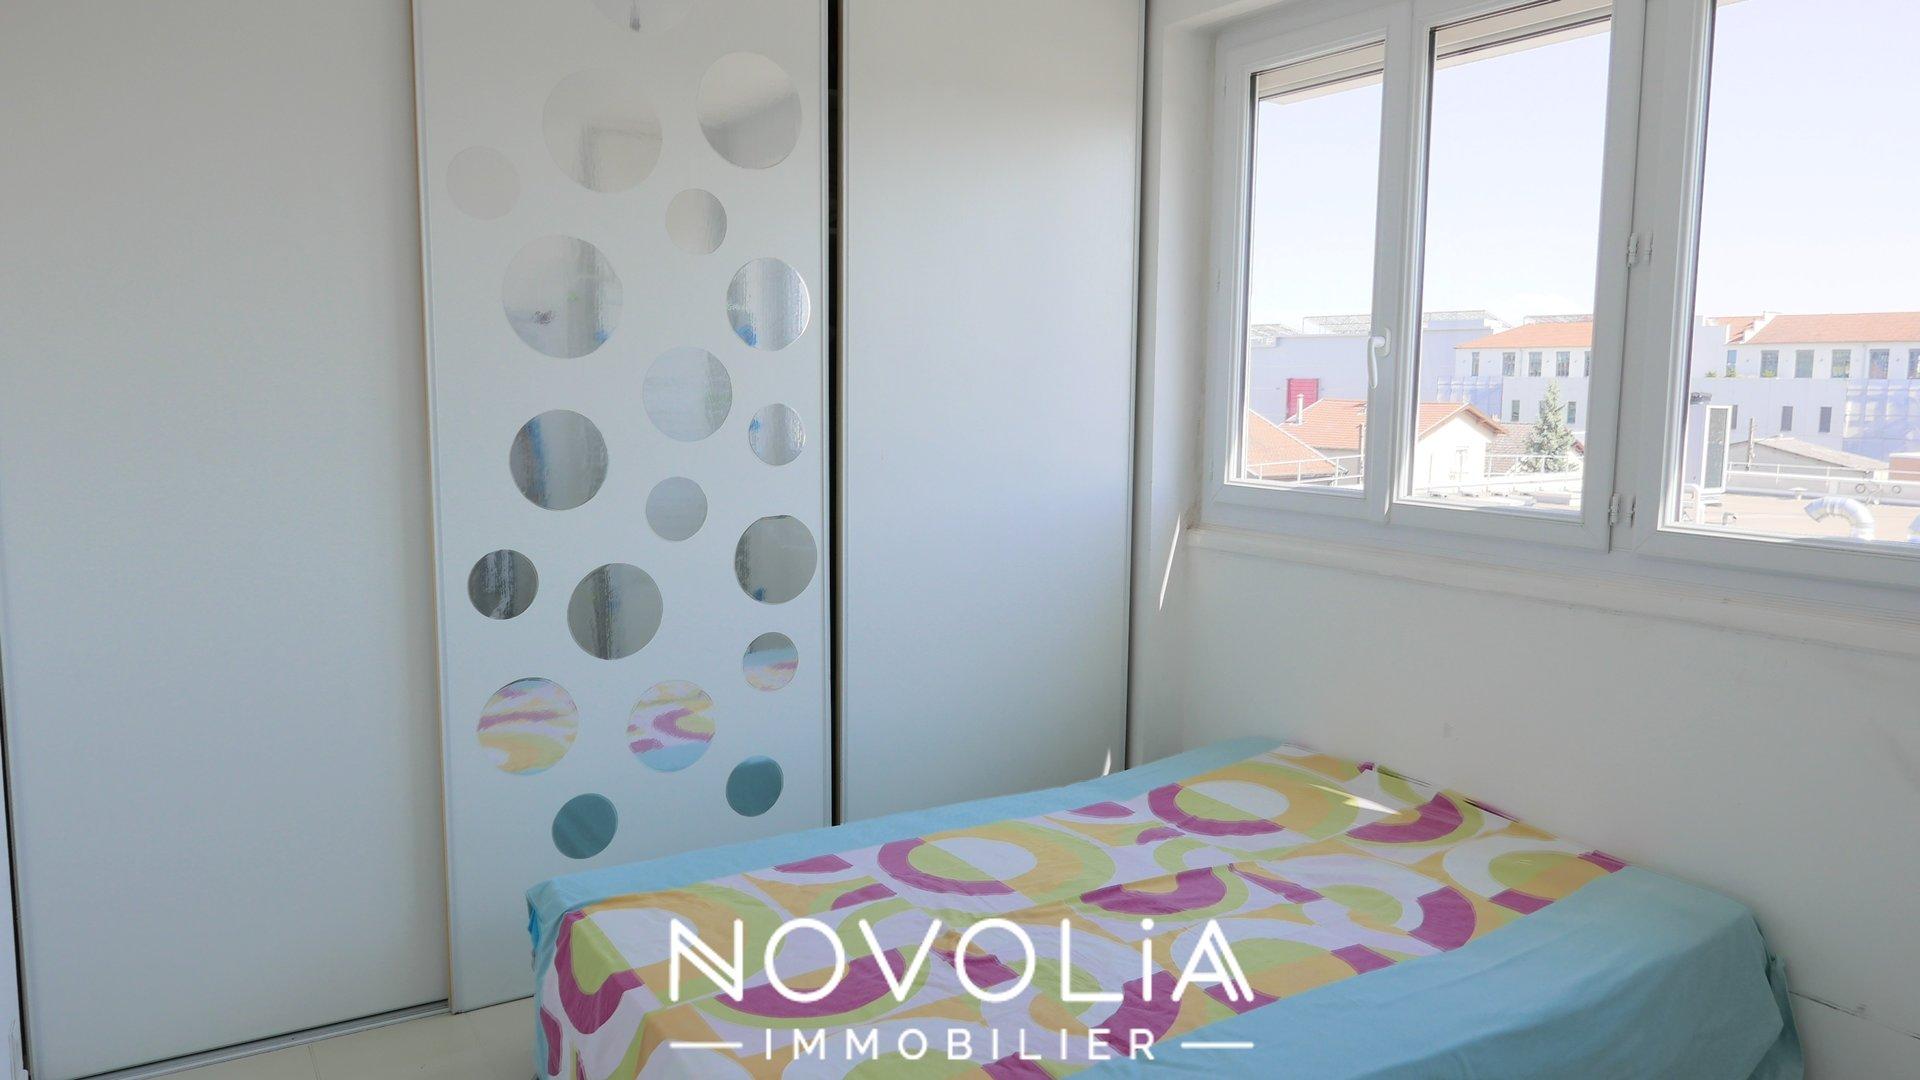 Achat Appartement, Surface de 94.61 m²/ Total carrez : 82.46 m², 4 pièces, Villeurbanne (69100)